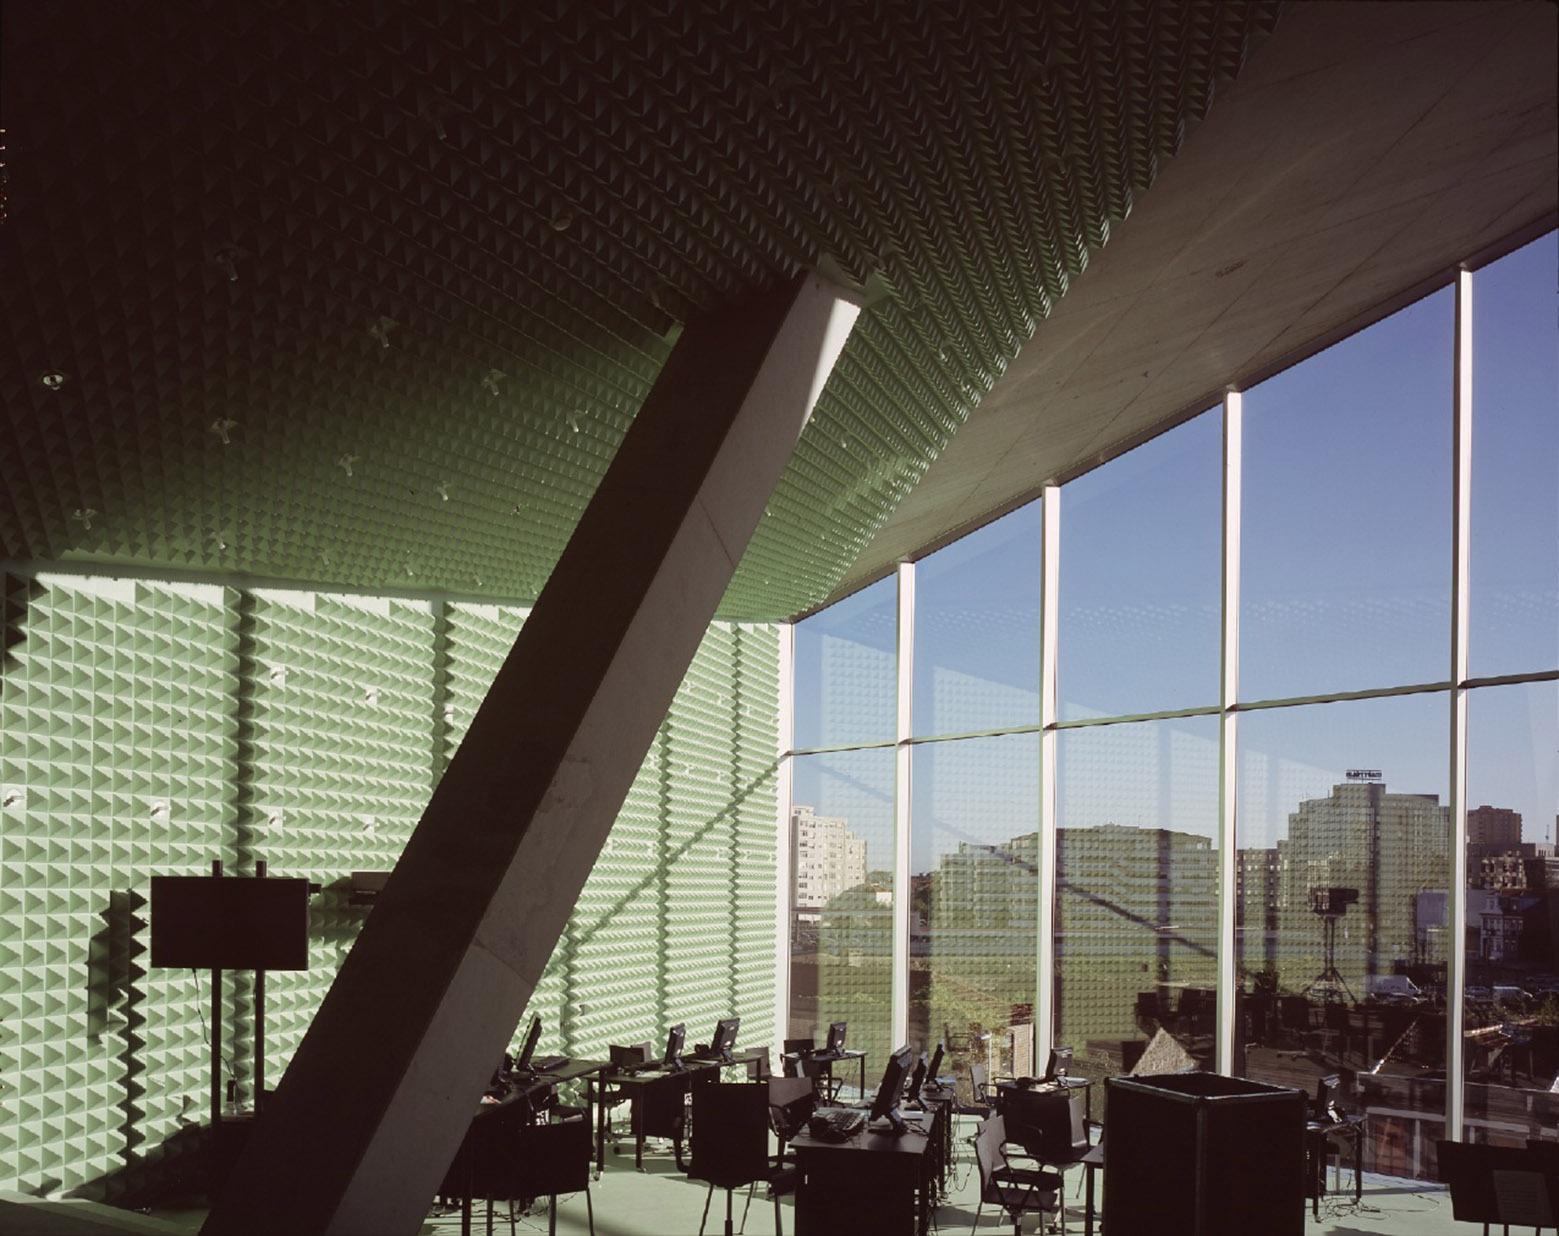 Casa da Musica / OMA (40)